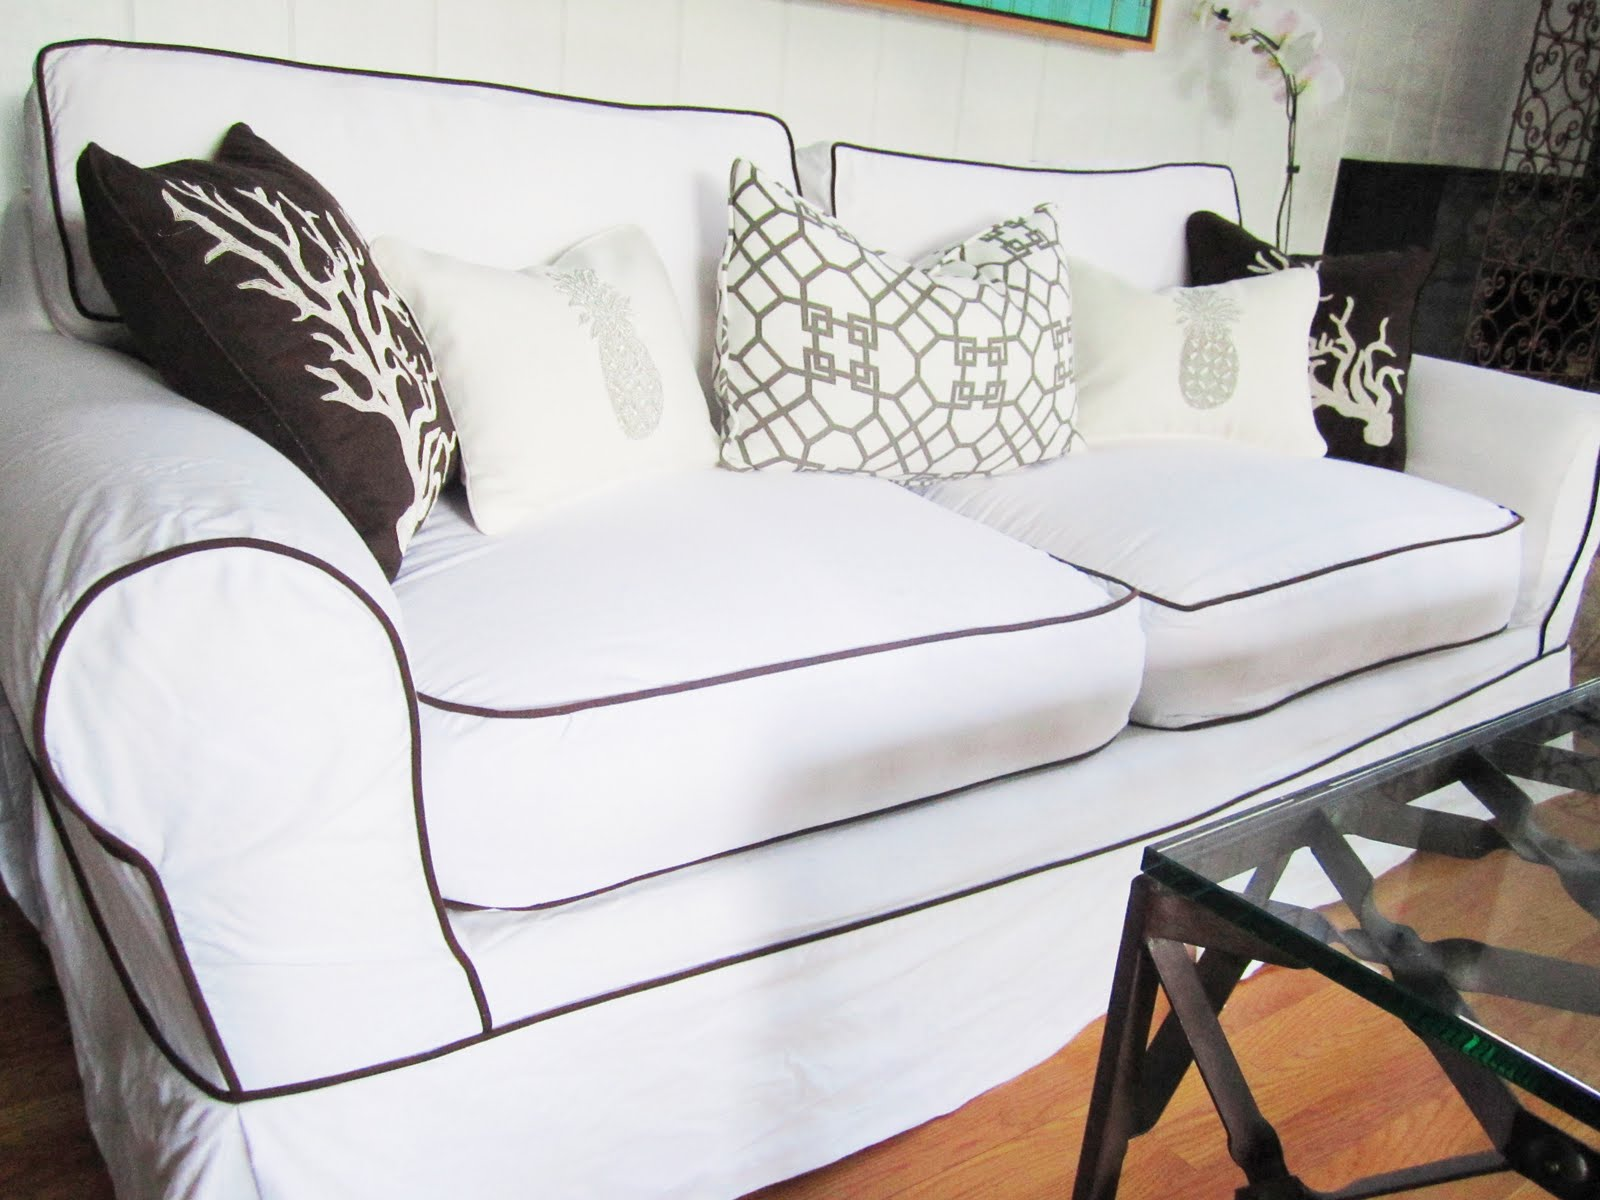 PIPING AND PLAID Nbaynadamas Furniture And Interior